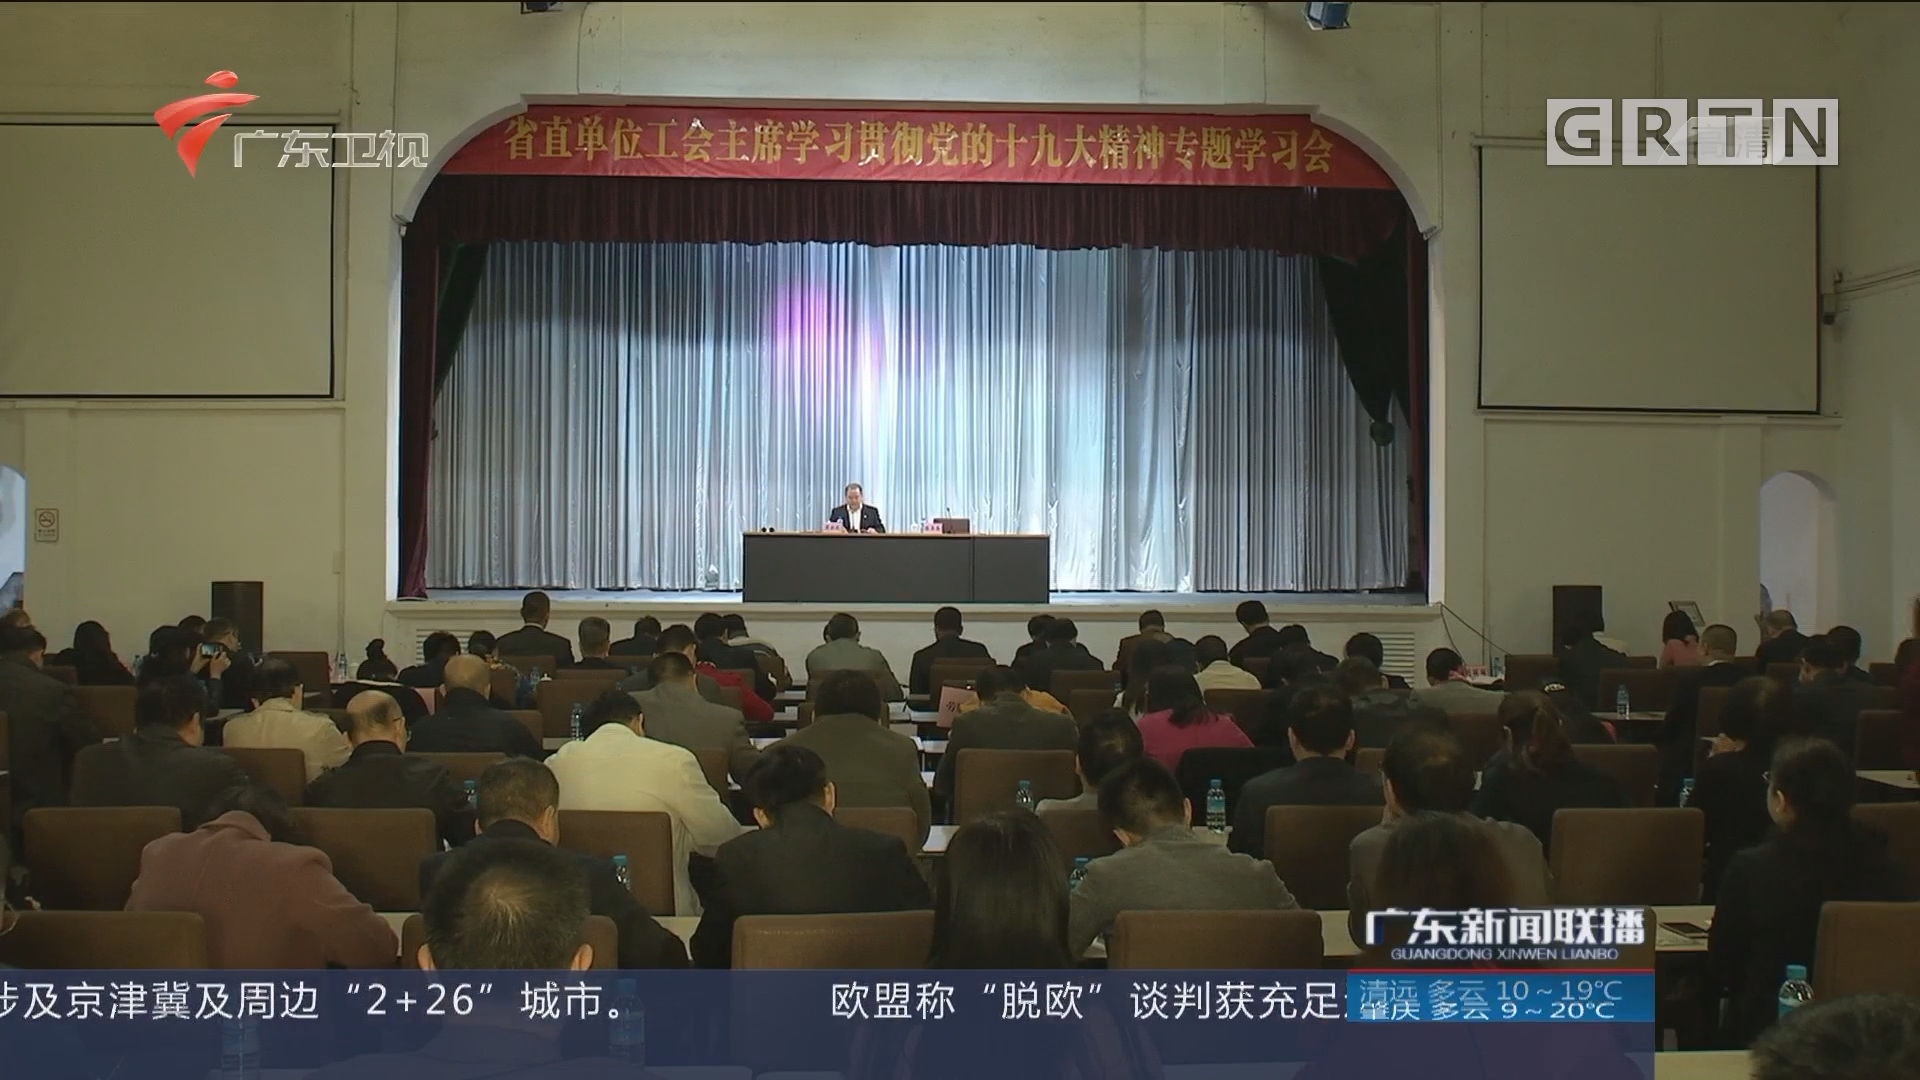 省直单位工会主席学习贯彻党的十九大精神专题学习会在广州举行